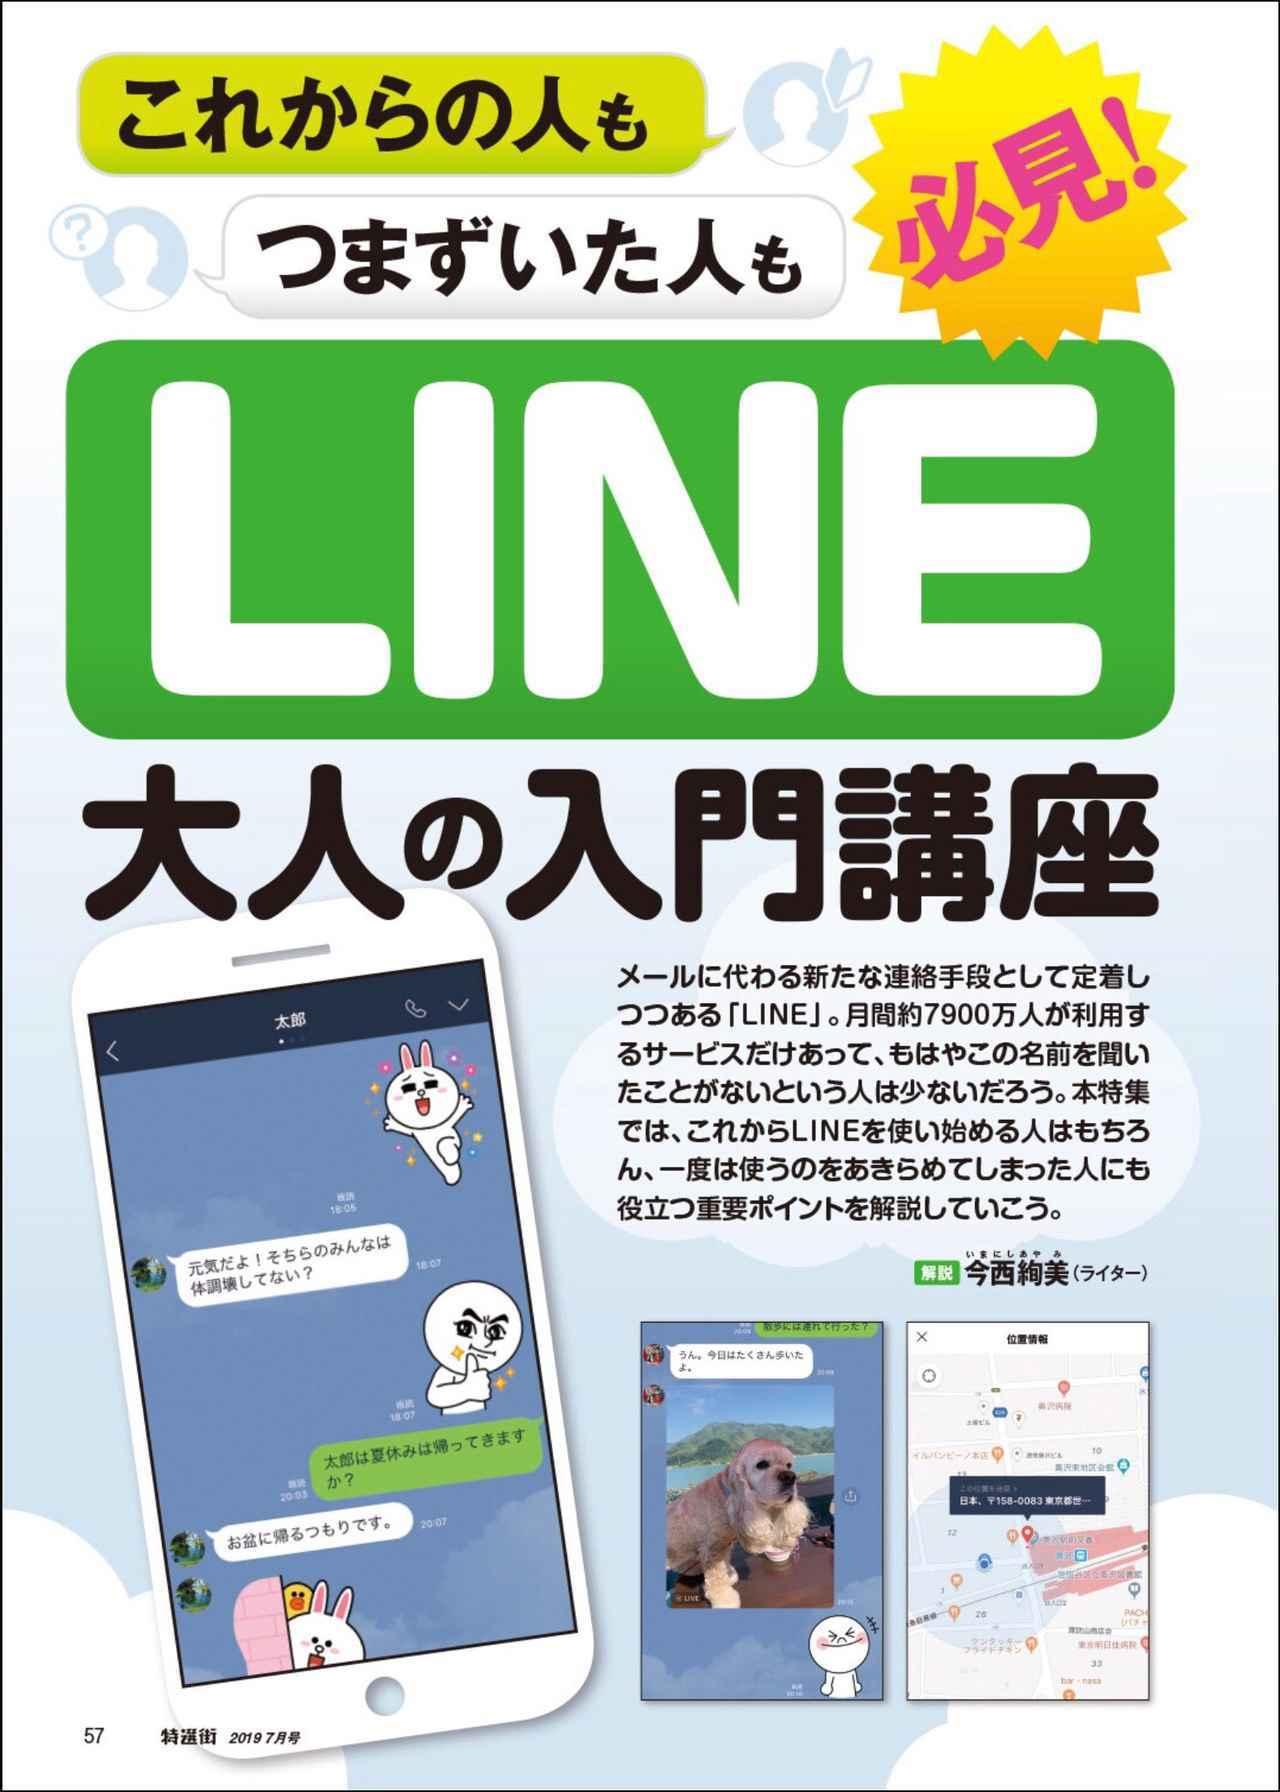 画像4: 『特選街』7月号が発売!【スマートフォン大特集】 「疑問と悩みを解決」「LINE入門」「キャッシュレス決済」